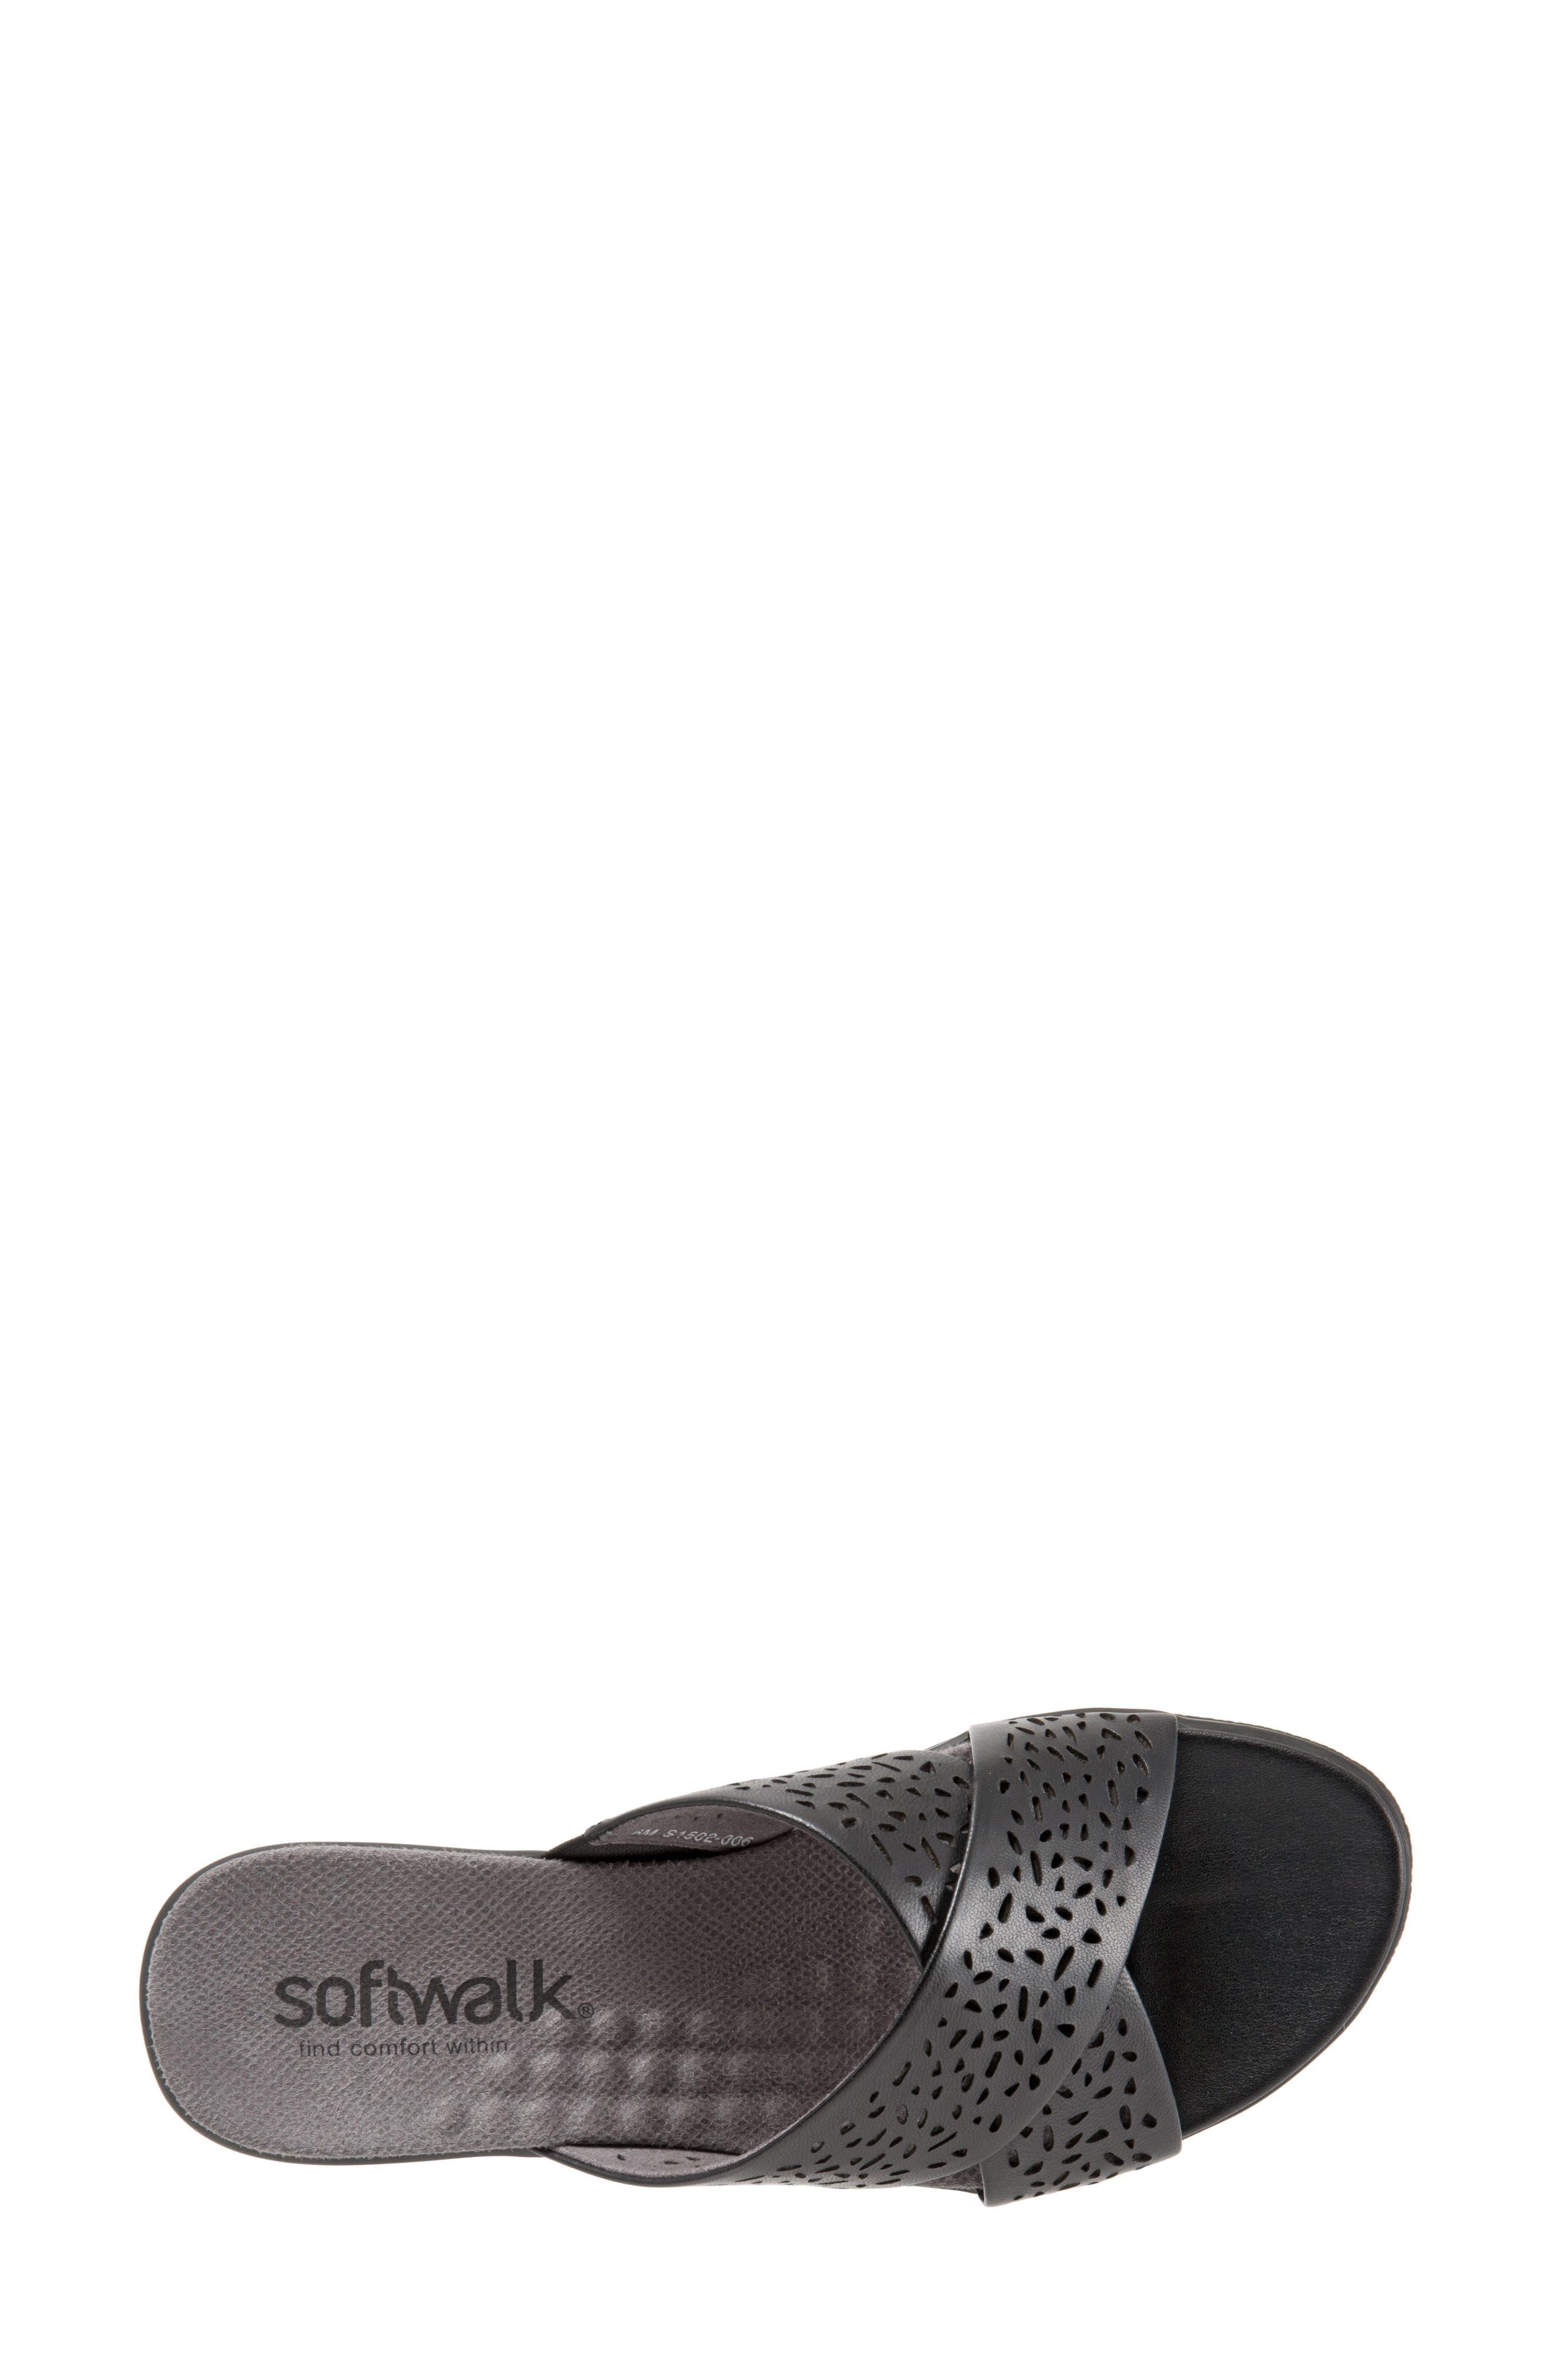 'Tillman' Leather Cross Strap Slide Sandal,                             Alternate thumbnail 5, color,                             006